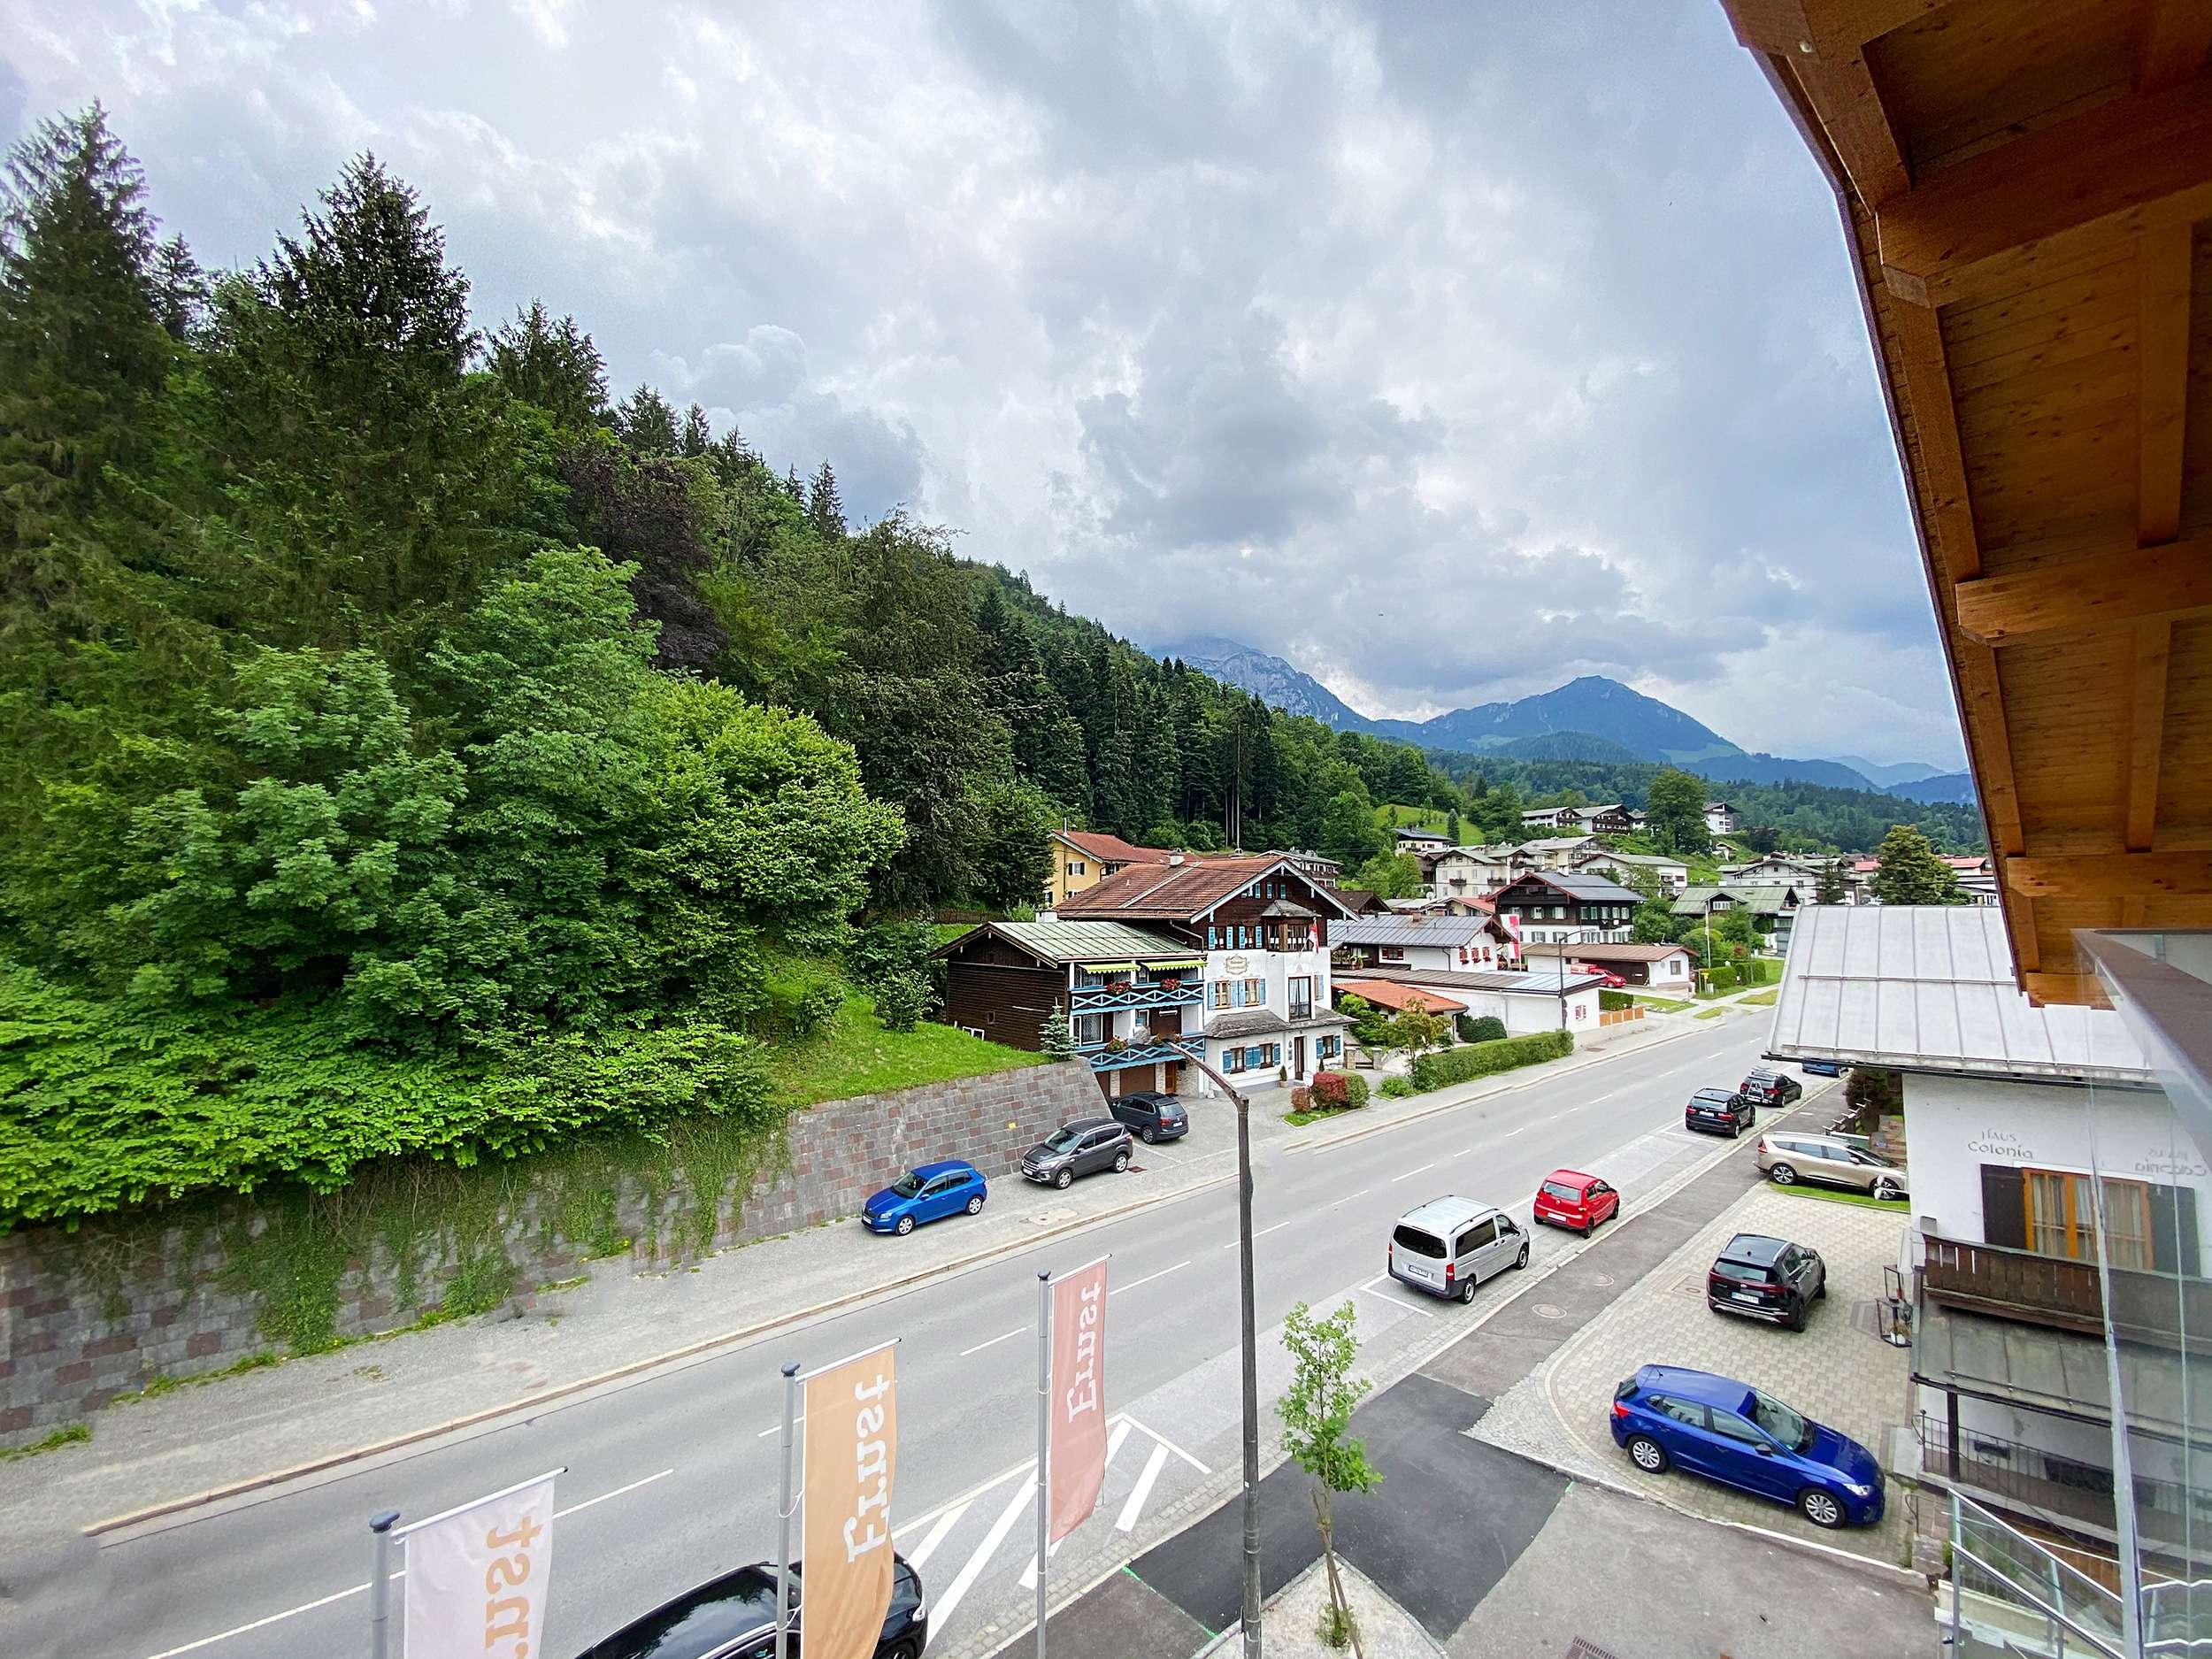 Traumwohnung mit Dachterrasse in Berchtesgaden zu vermieten in